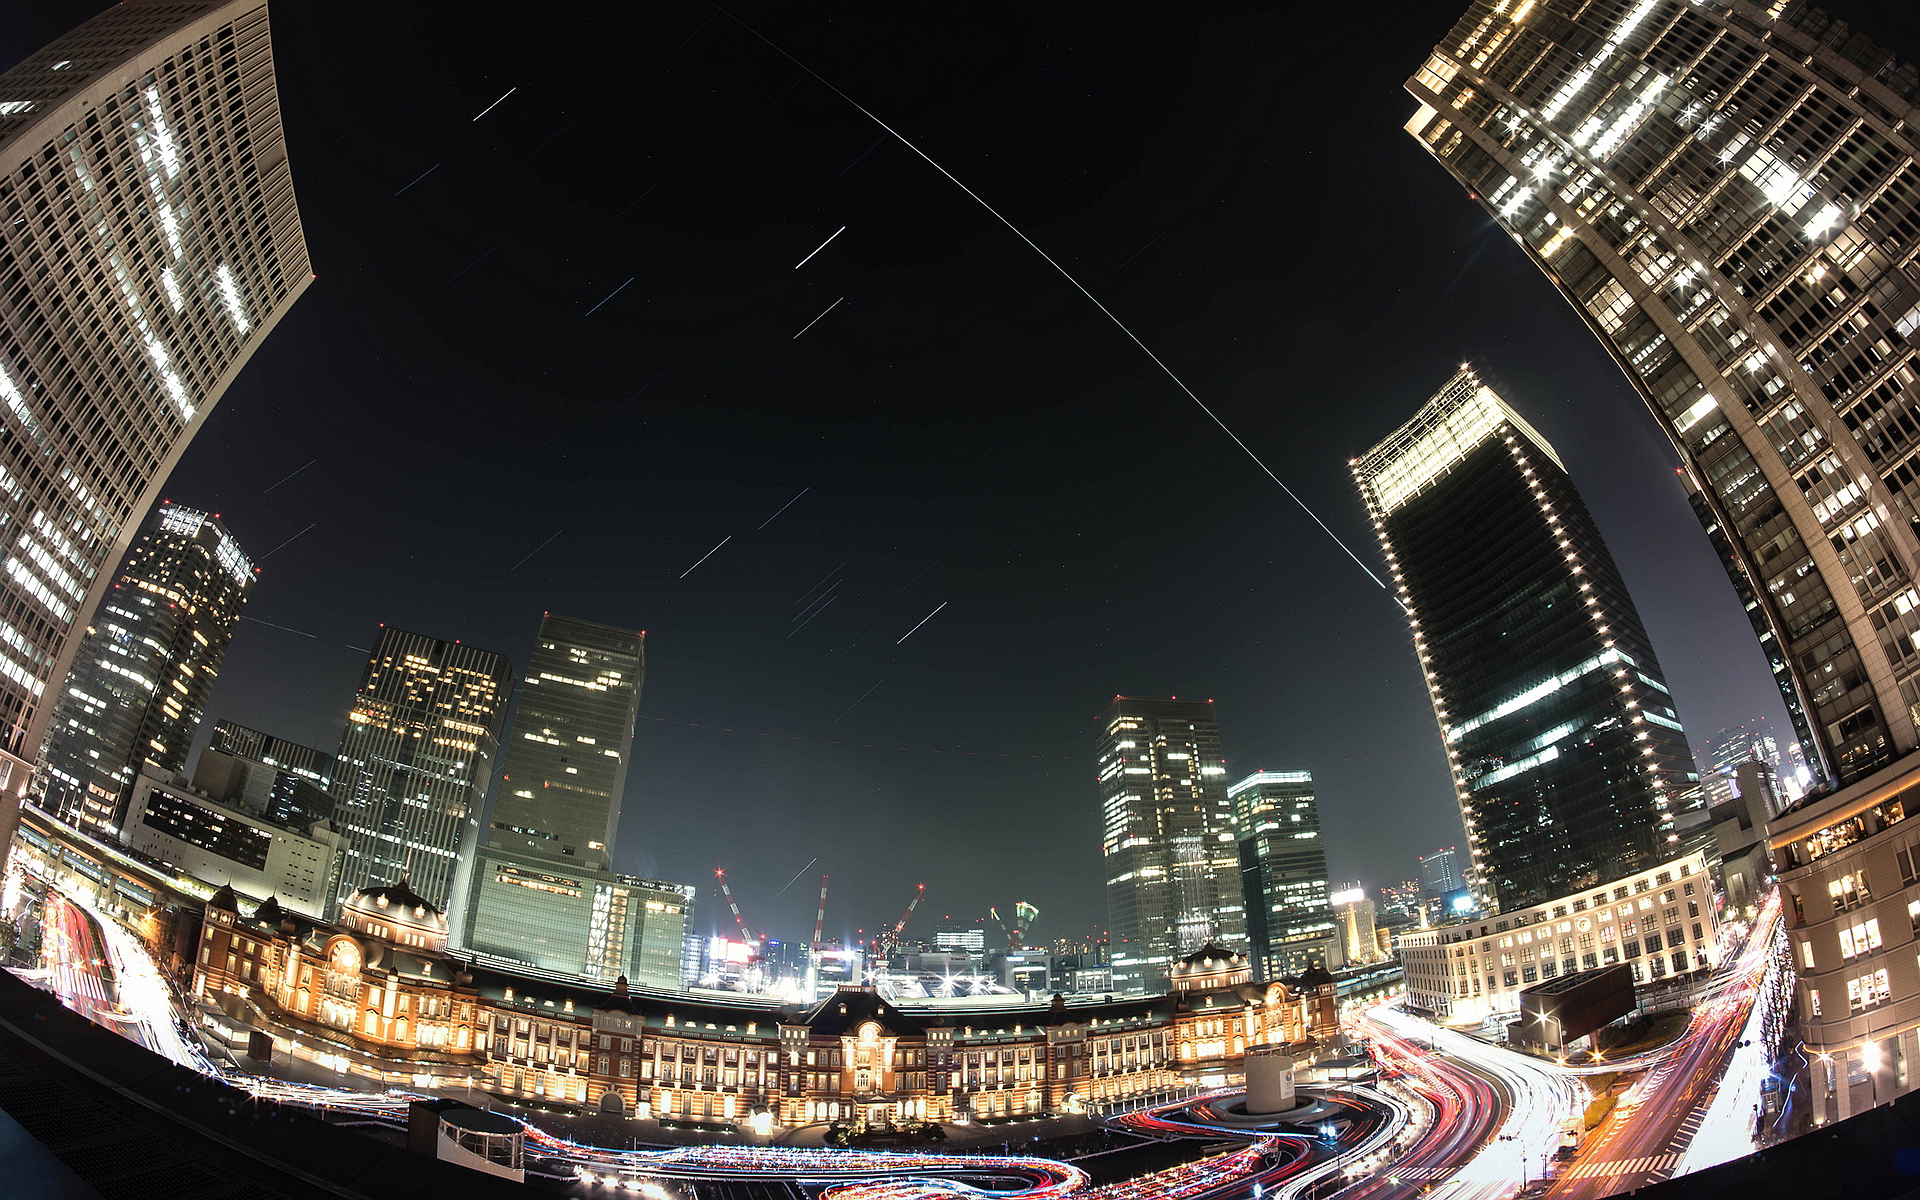 City fisheye timeline view